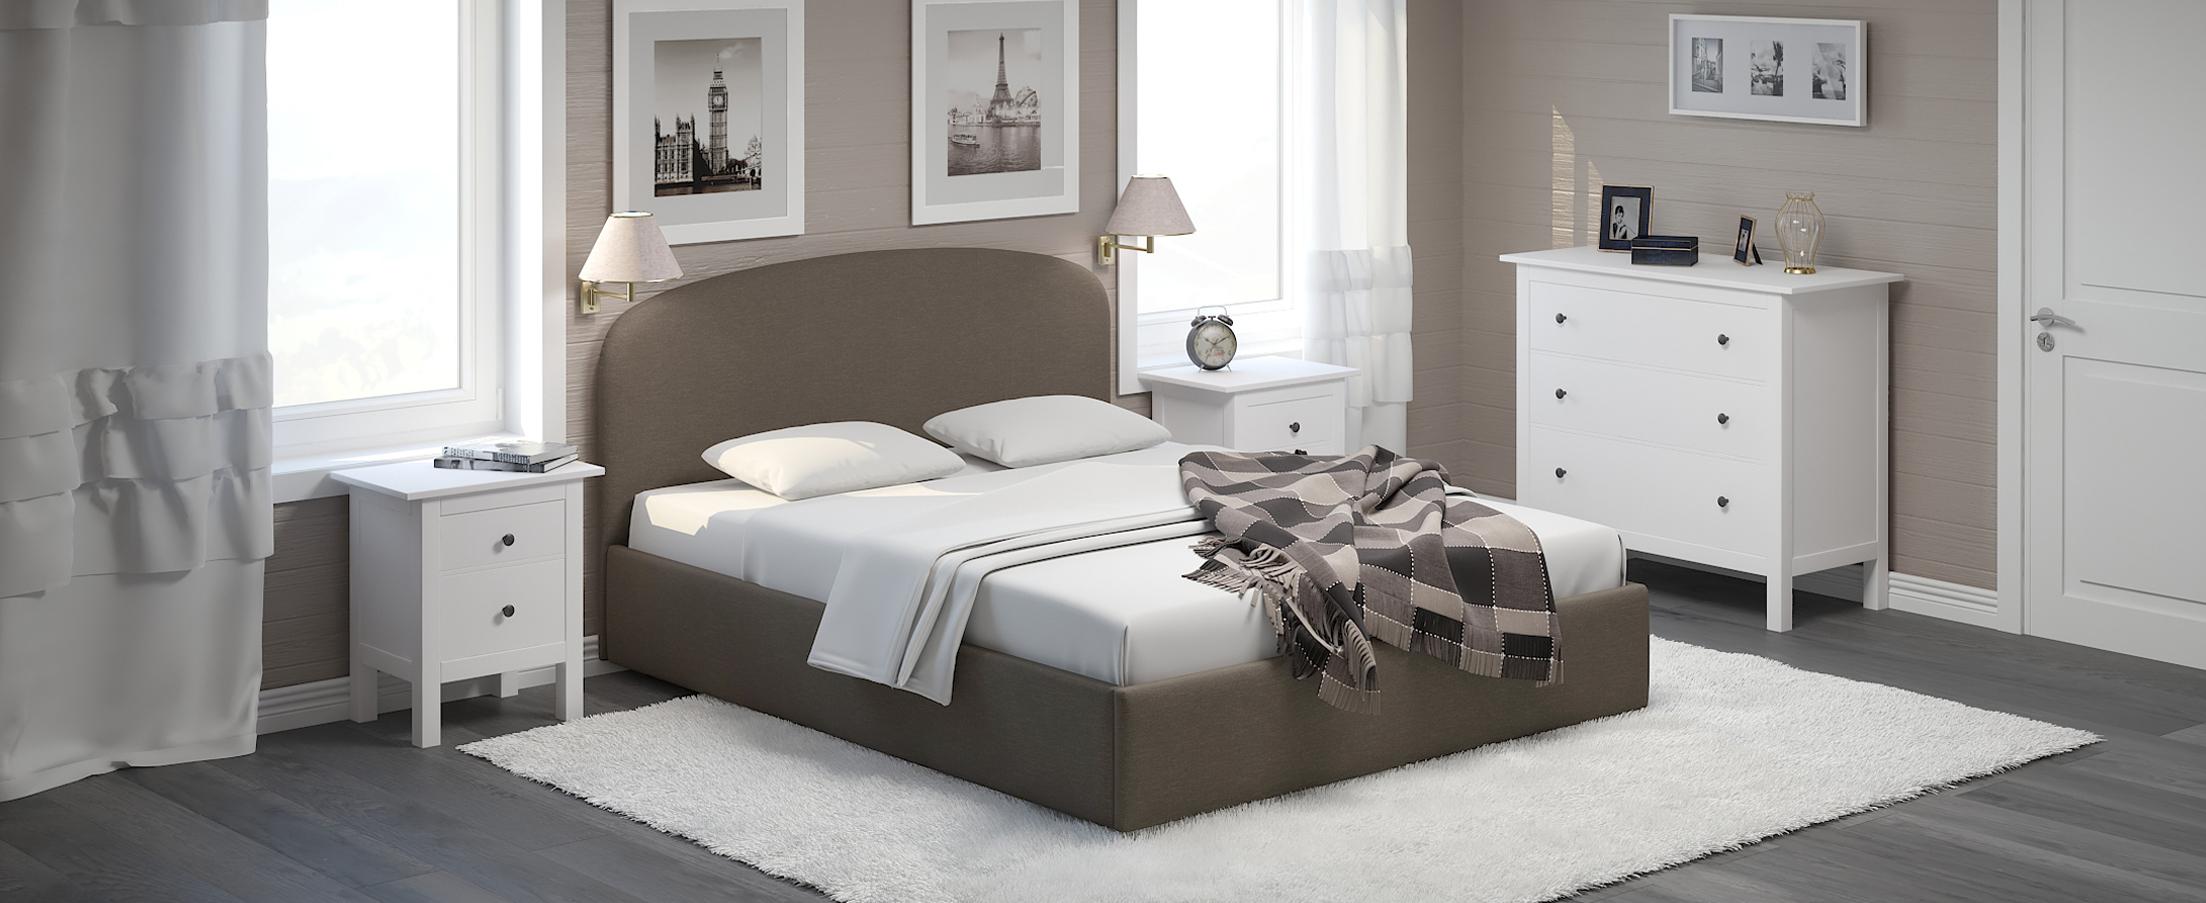 Кровать двуспальная Лия 140х200 Модель 1205Кровать Лия – воплощение мягкости, простора и удобства. Воздушность формы, изящно изогнутая спинка и оригинальный кант на изголовье подчеркнут стиль вашей комнаты.<br>